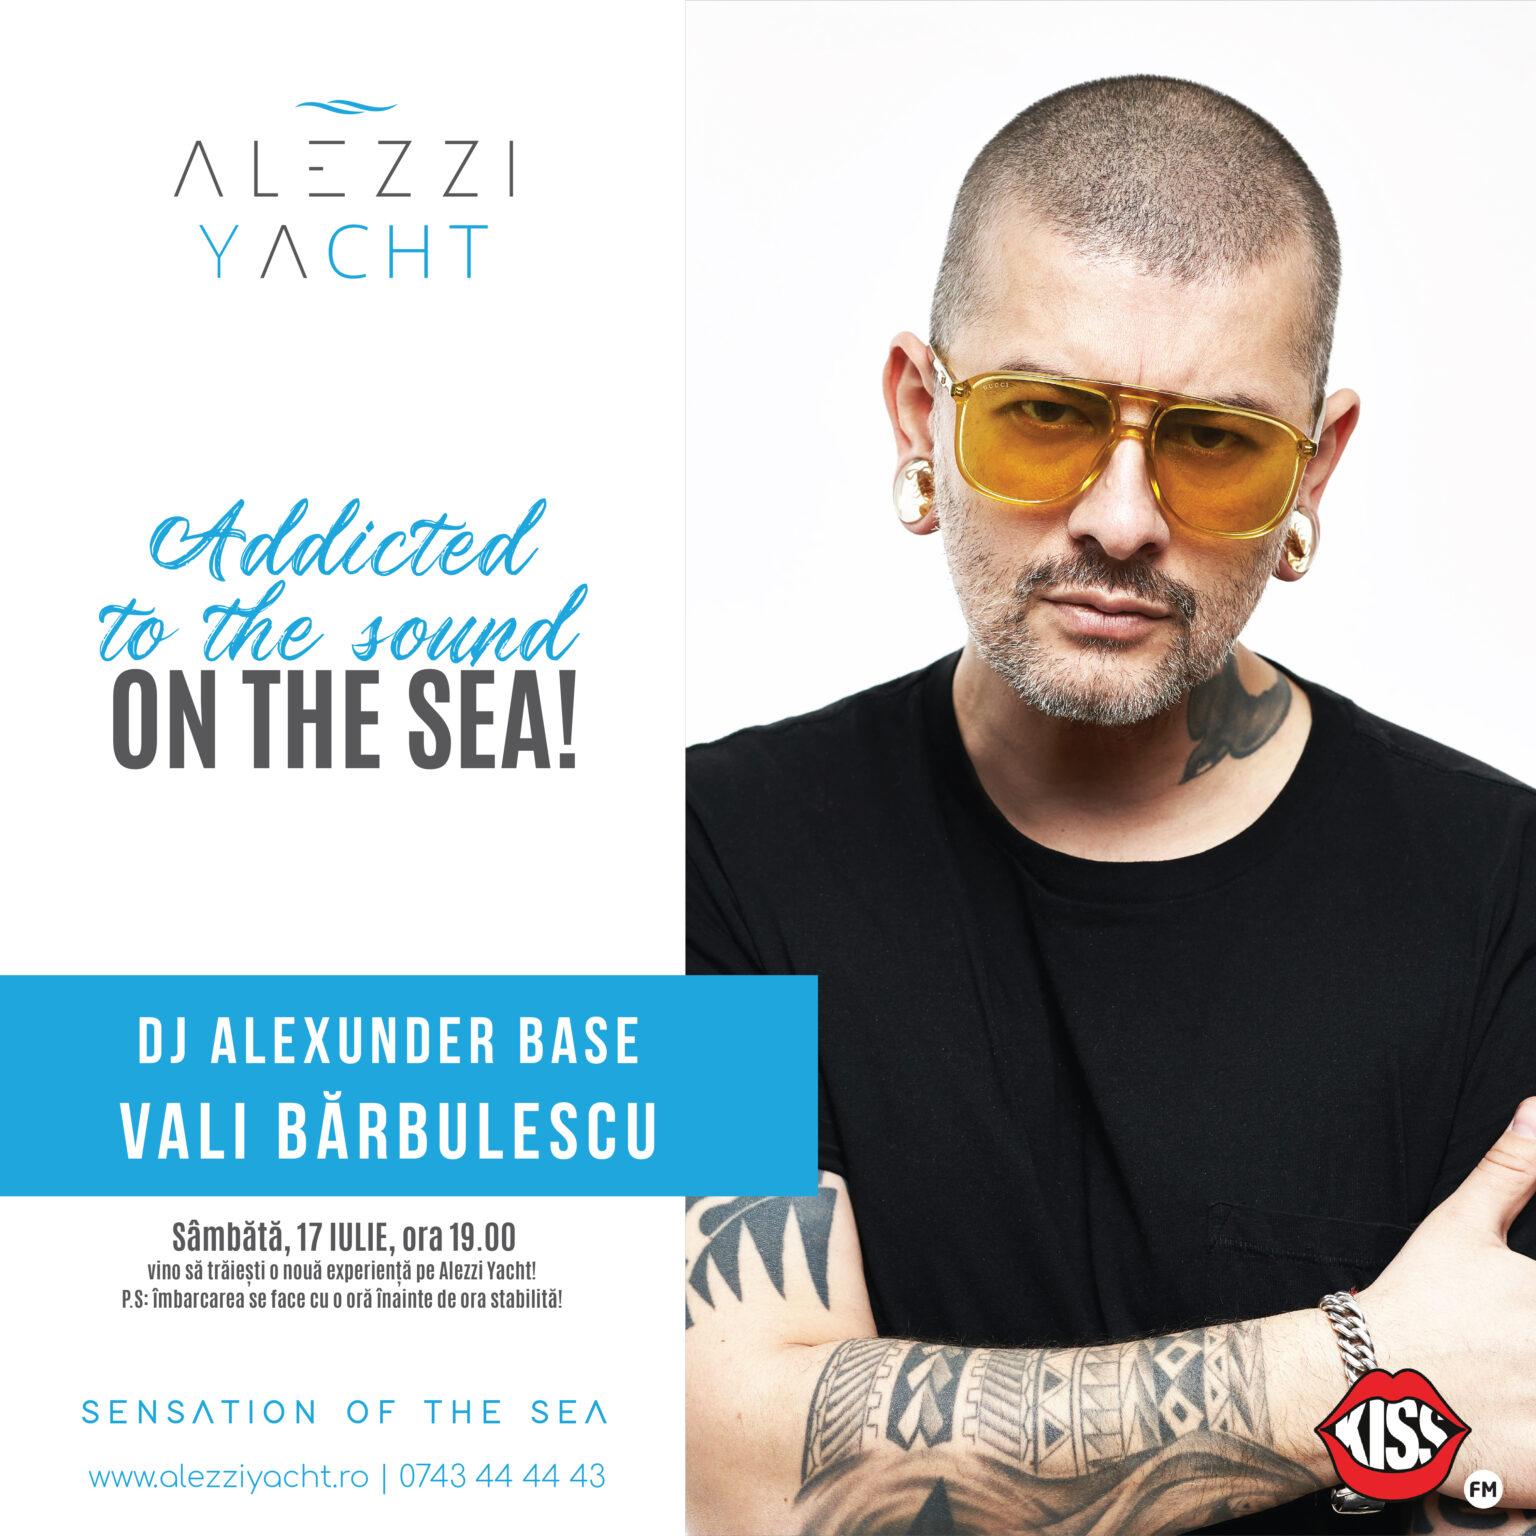 Vali Barbulescu Alezzi Yacht